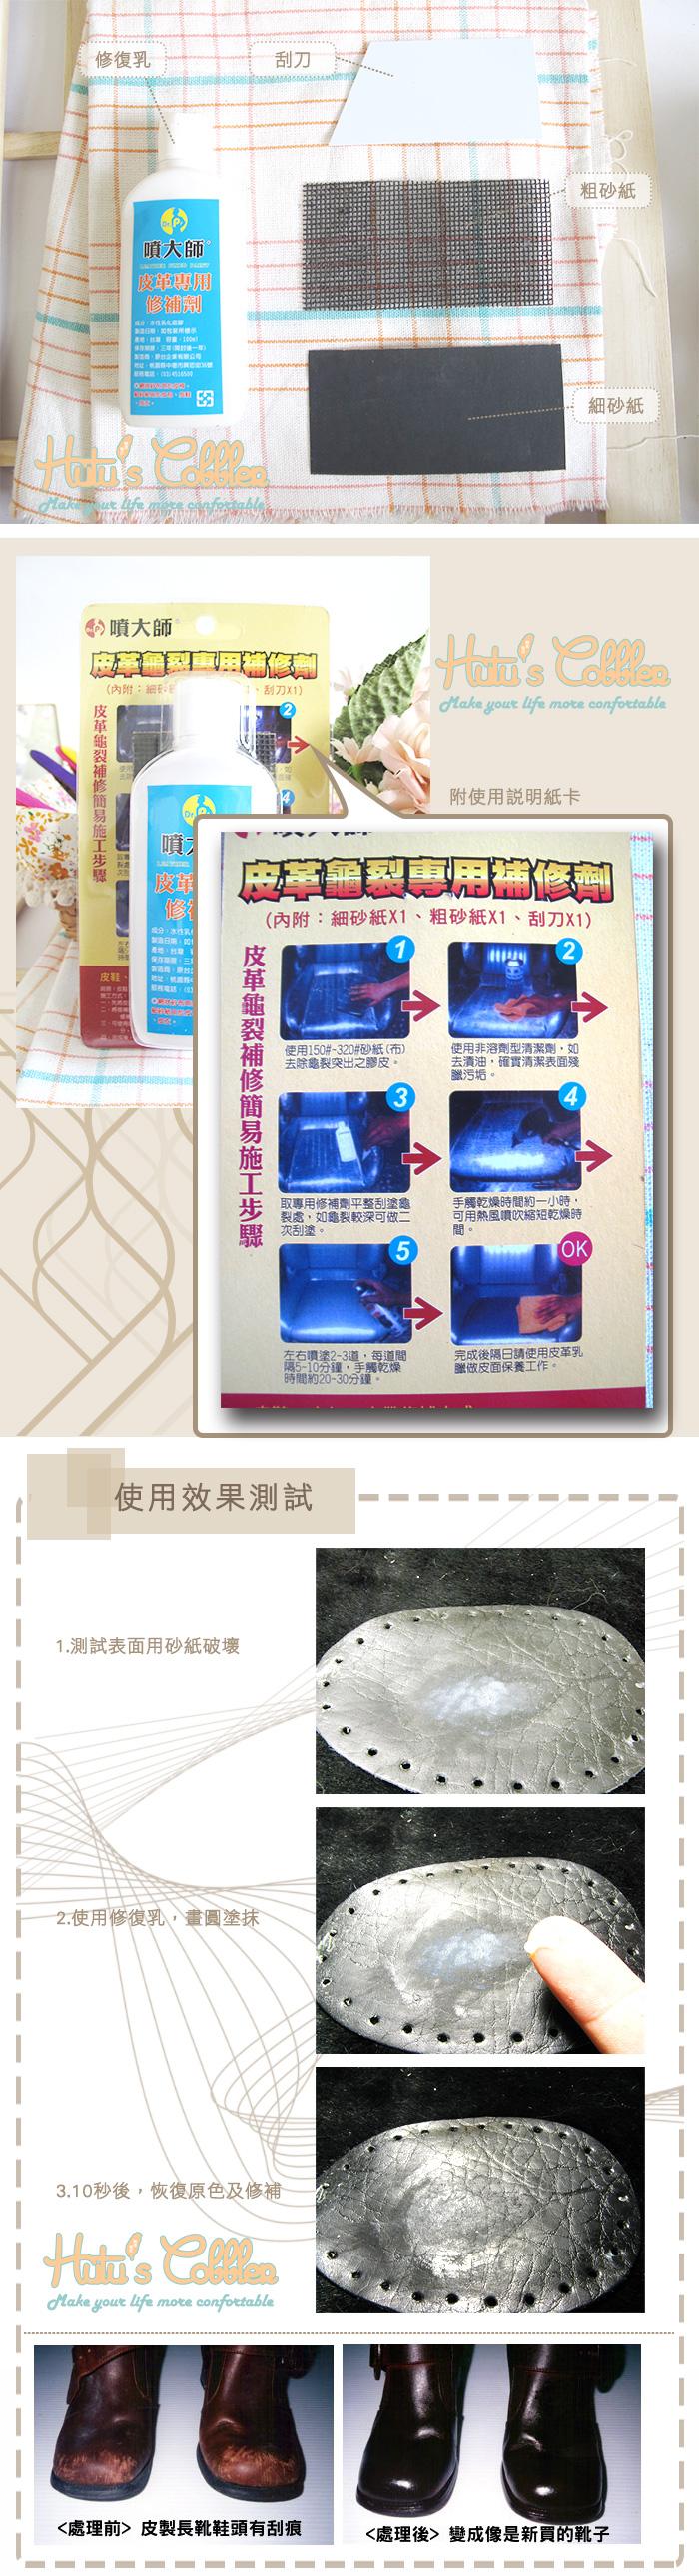 糊塗鞋匠 優質鞋材 K05  台灣製造 噴大師 皮革龜裂修補乳液  超神奇龜裂 刮傷 掉色修補 底漆